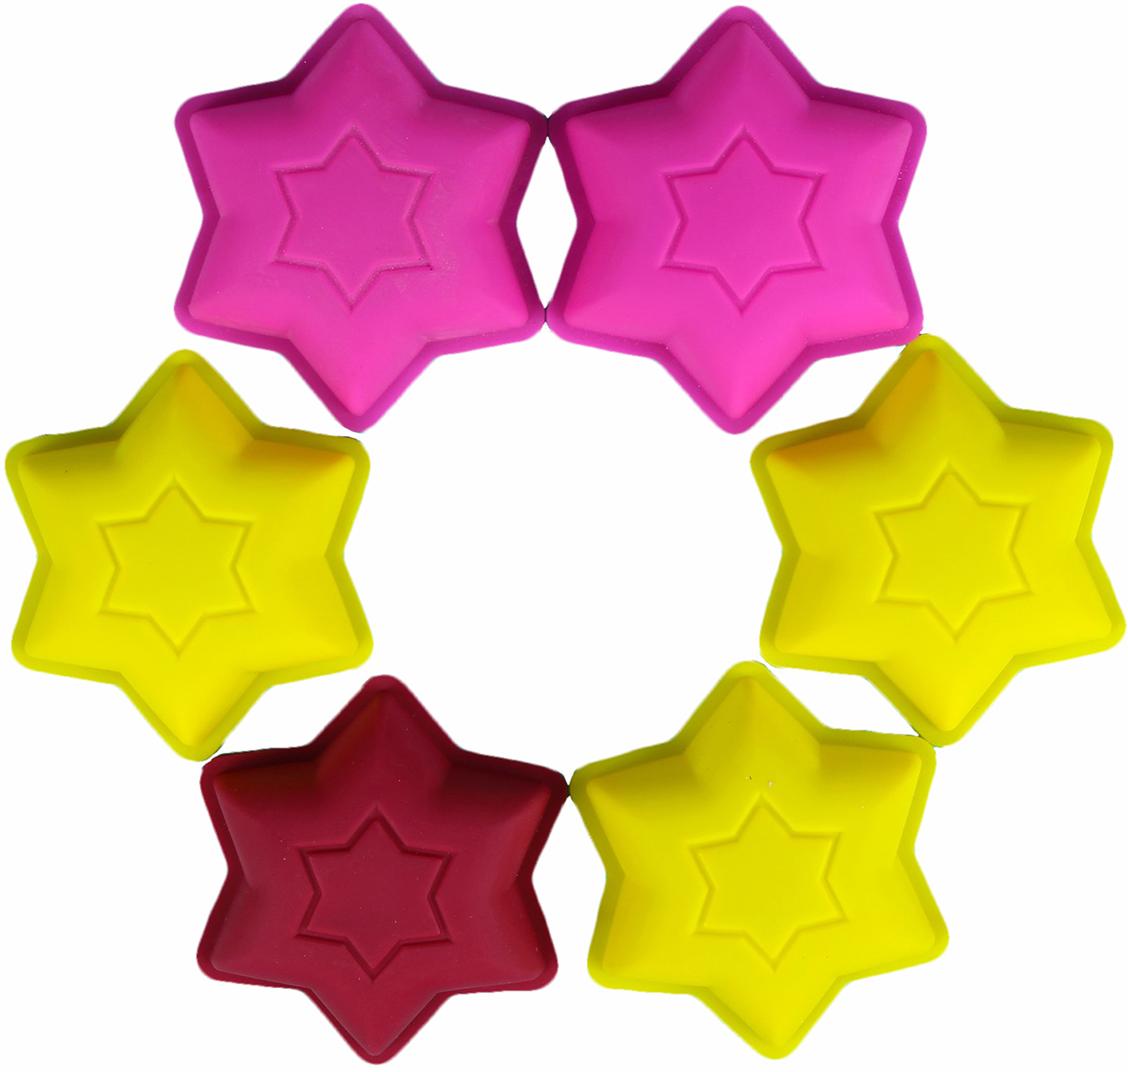 Набор форм для выпечки Доляна Шестиконечная звезда, цвет: желтый, розовый, бордовый, 9,2 х 2,5 см, 6 шт2797142_желтый, розовый, бордовыйОт качества посуды зависит не только вкус еды, но и здоровье человека. Набор форм для выпечки 9,2х2,5 см Шестиконечная звезда, 6 шт, цвета — товар, соответствующий российским стандартам качества. Любой хозяйке будет приятно держать его в руках. С нашей посудой и кухонной утварью приготовление еды и сервировка стола превратятся в настоящий праздник.